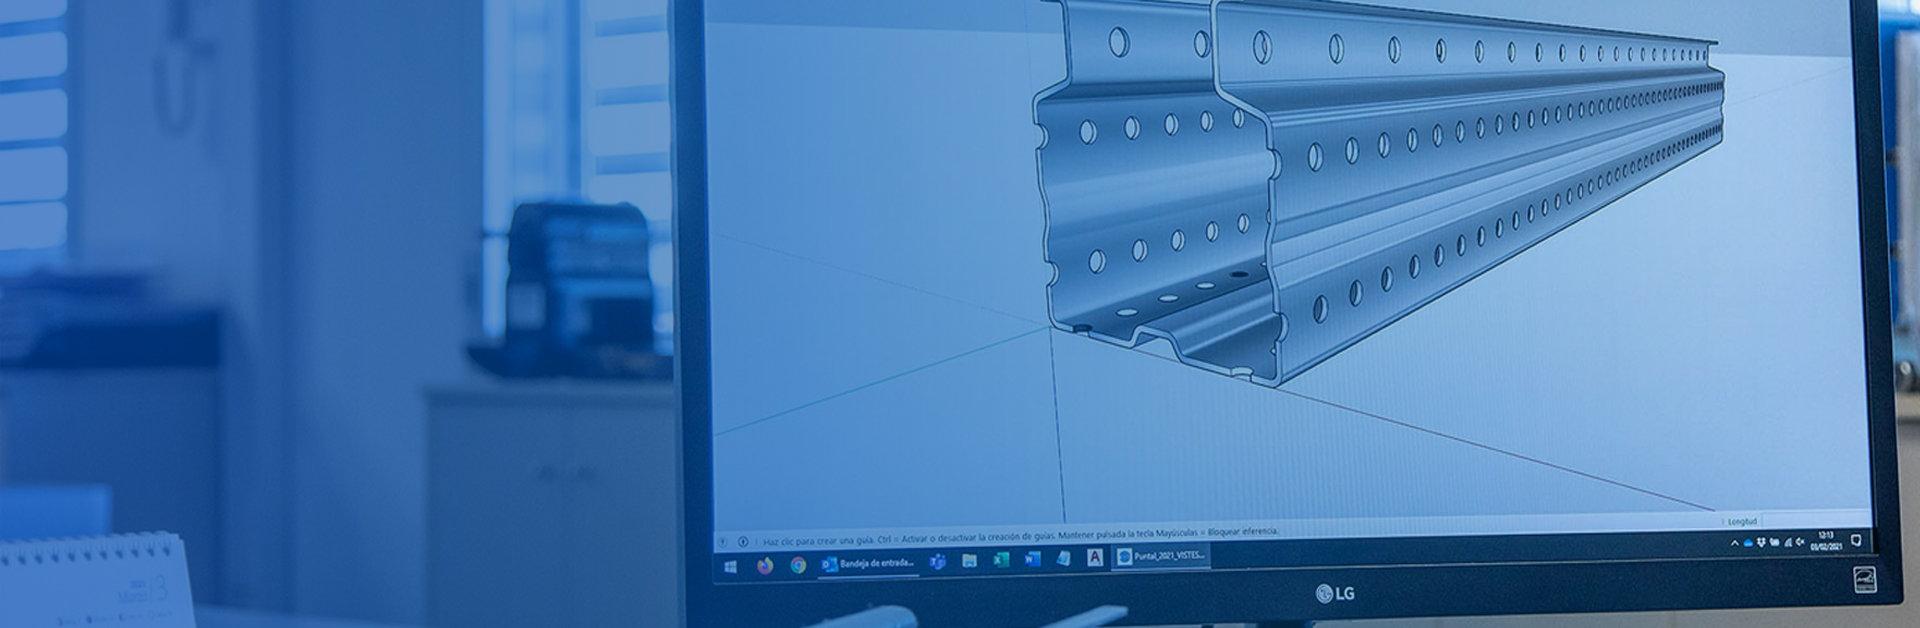 Foto de header para sección de ingeniería, de Brausa, fabricante de perfiles de acero conformado en frío